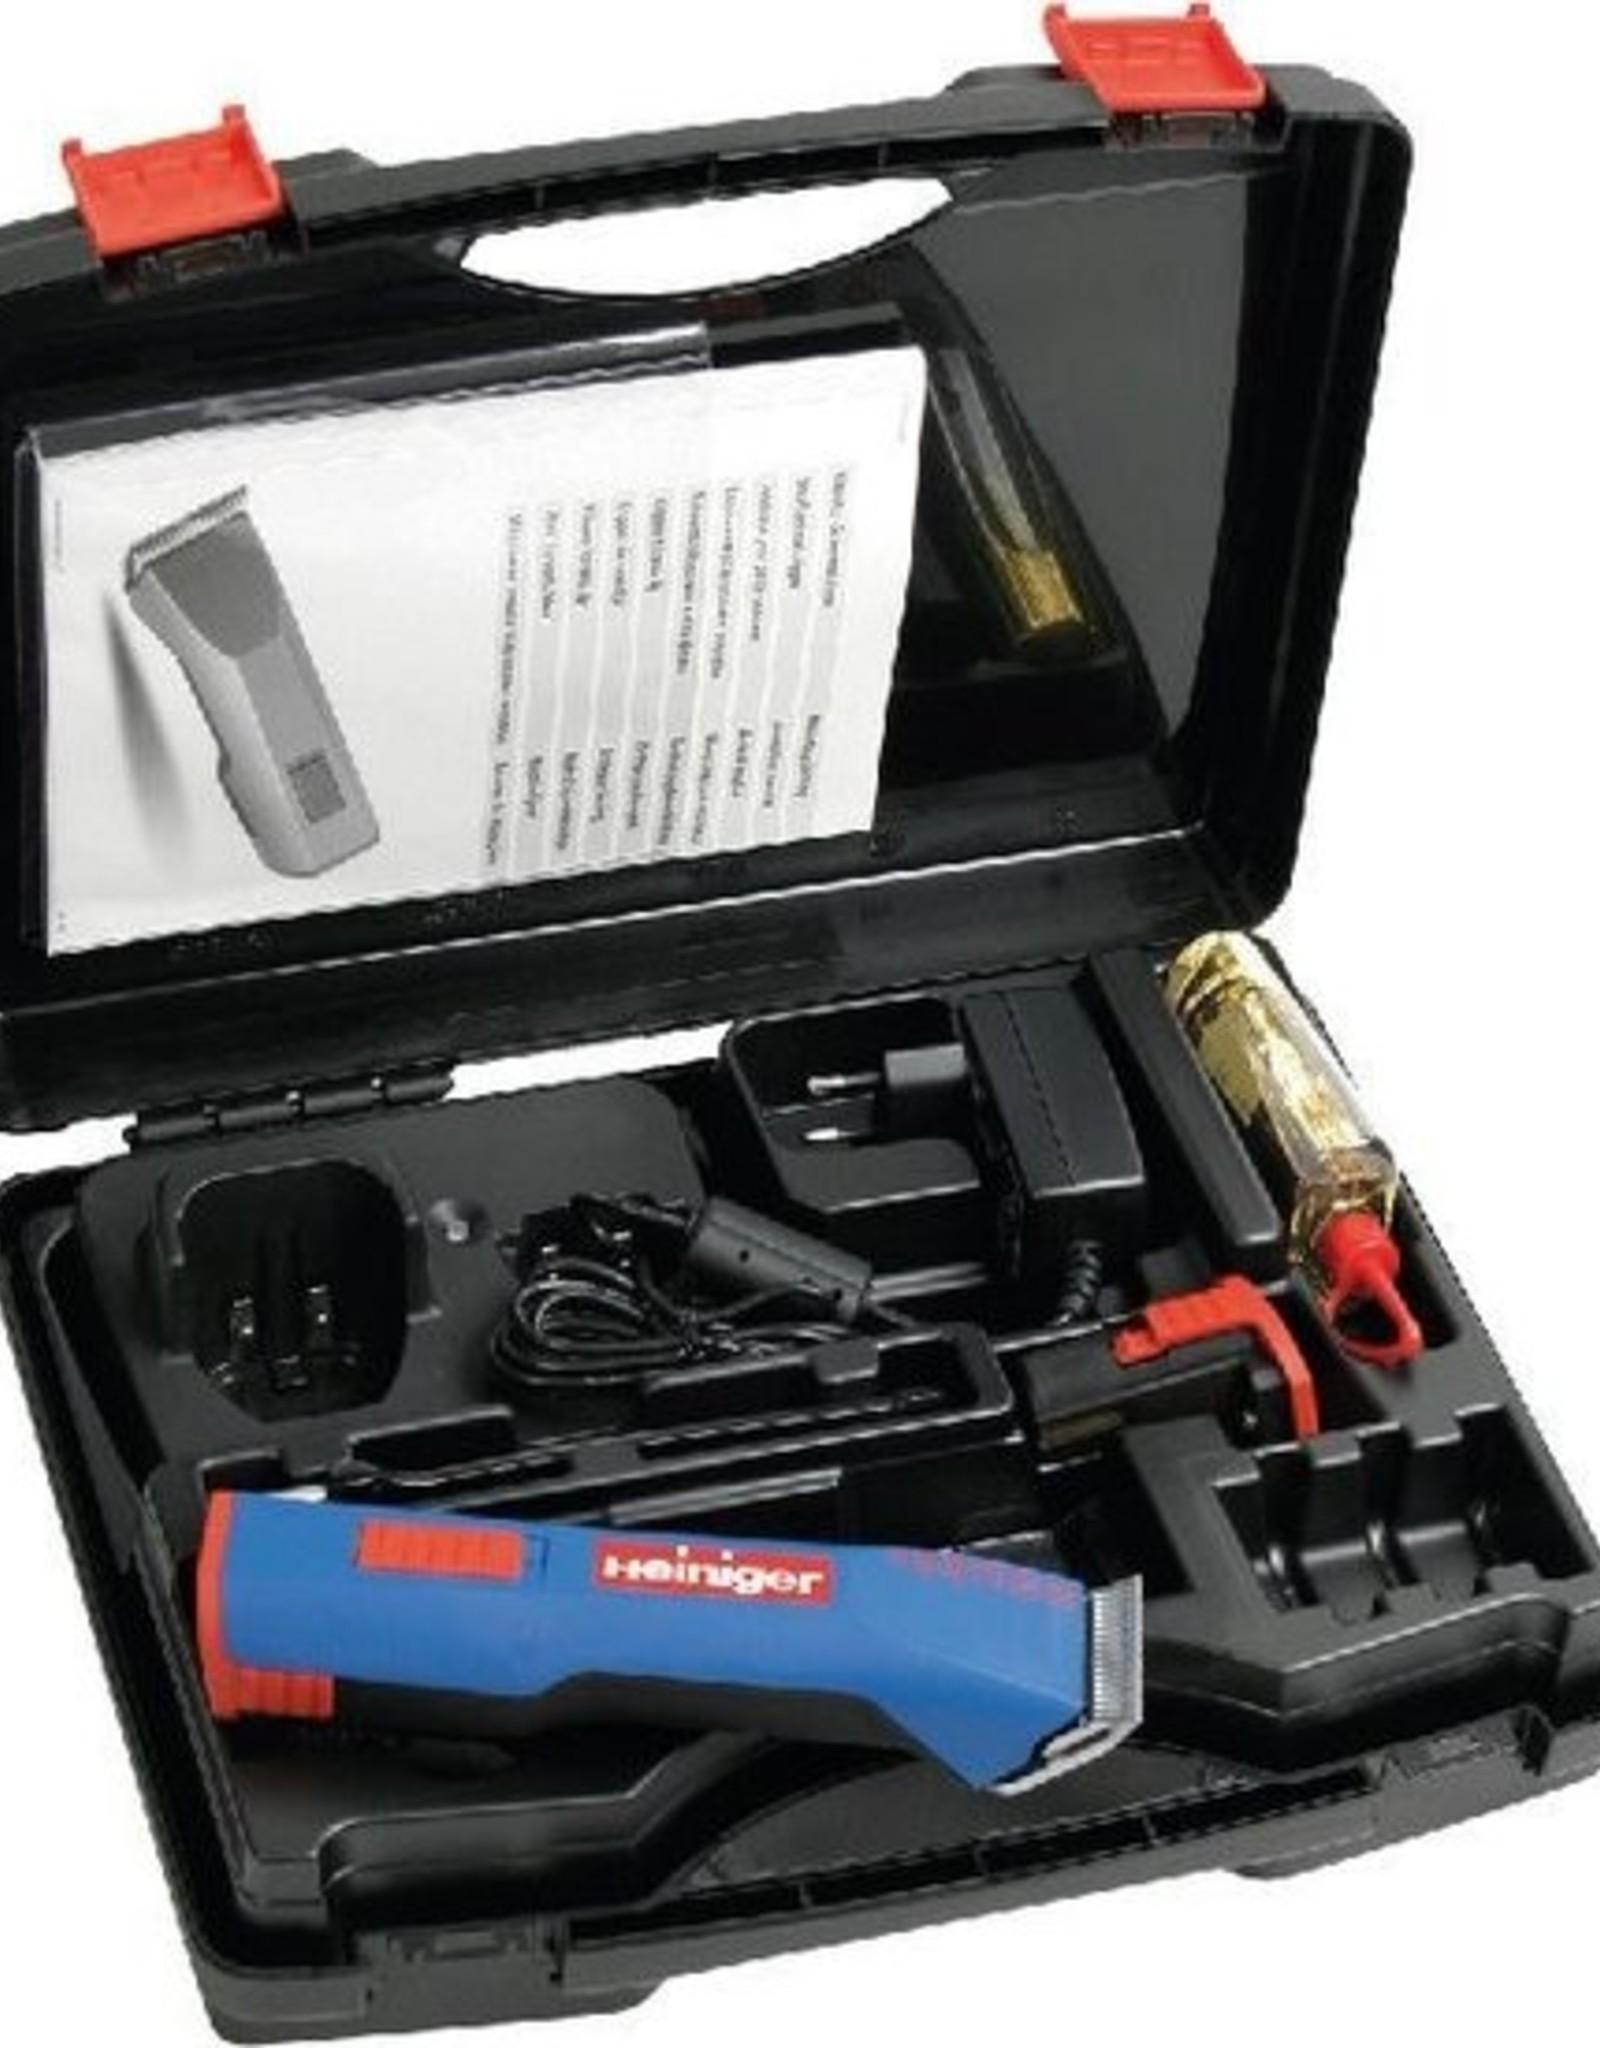 Heiniger Heiniger Saphir Accu Scheermachine 2 batterijen 70780070